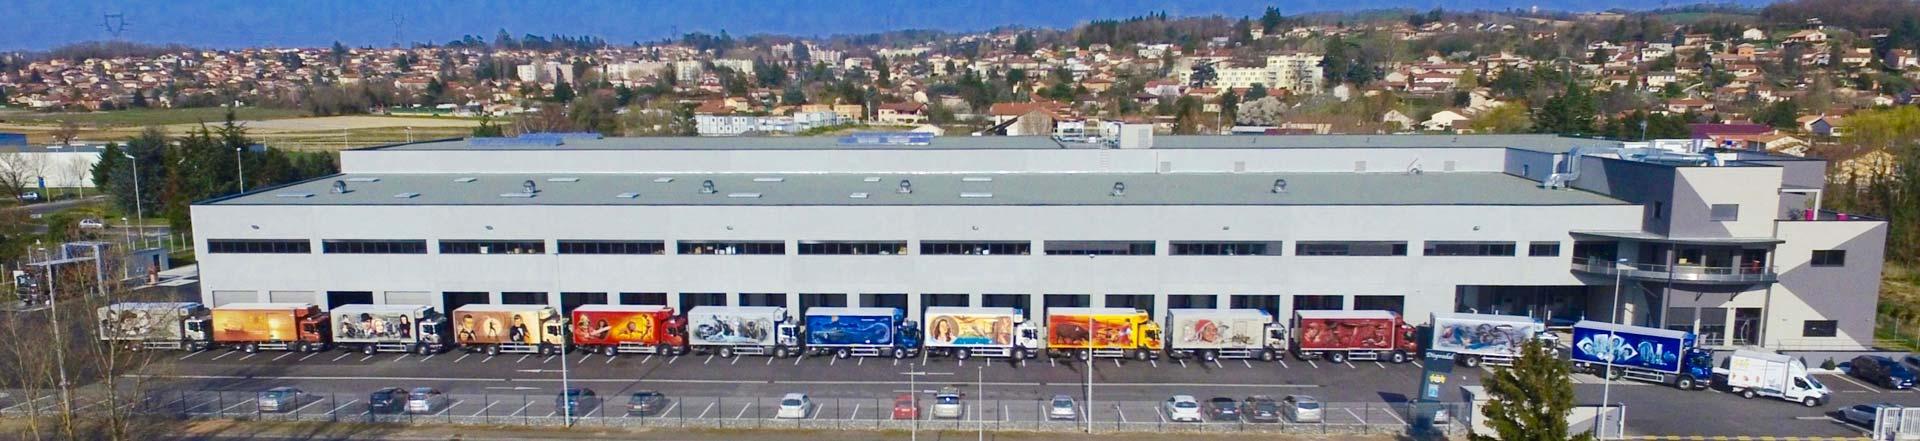 depot-disprodal-camion